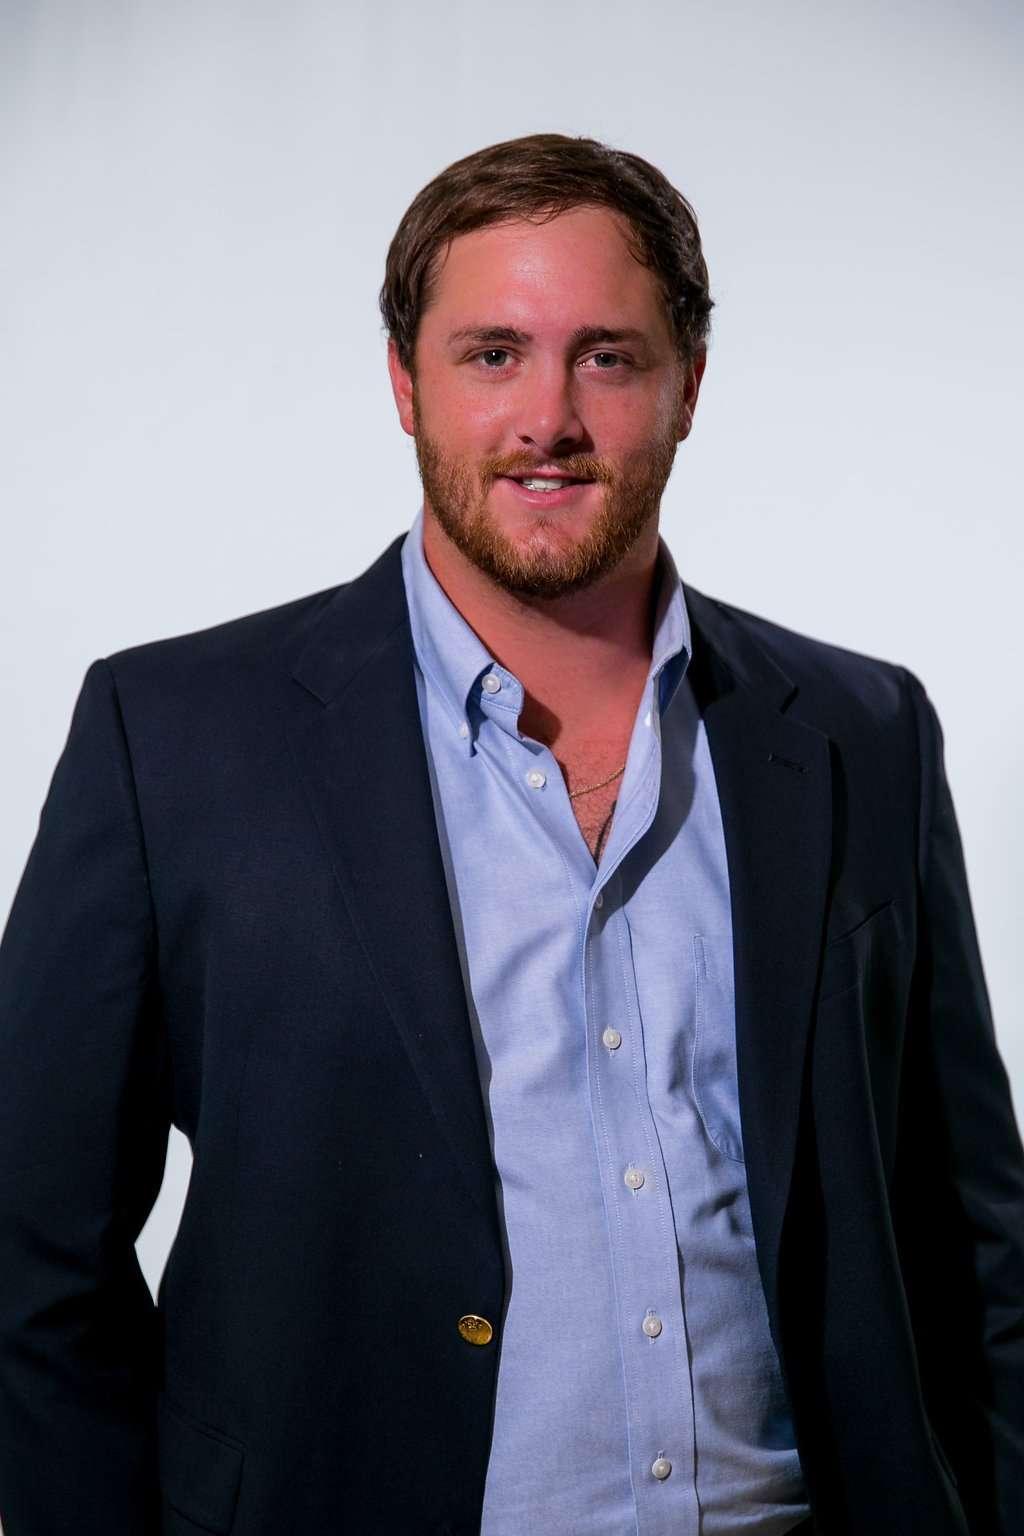 Corey Bullock